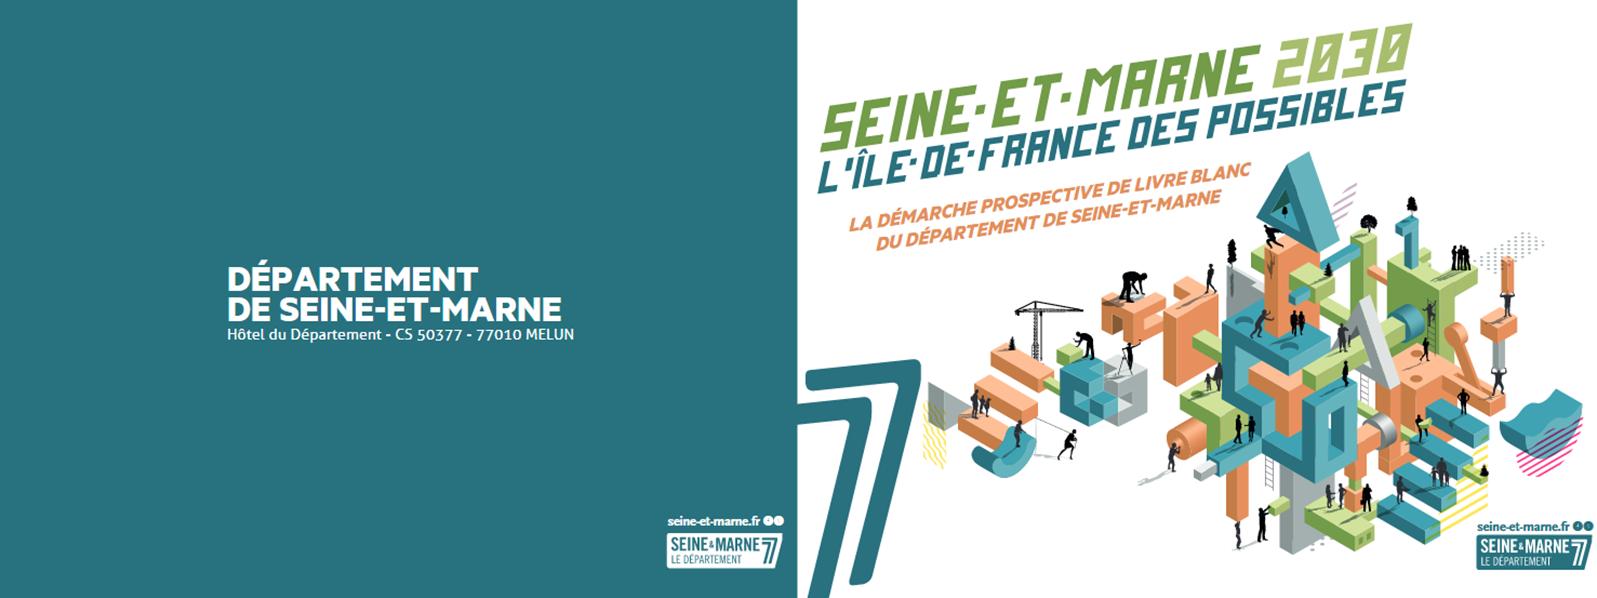 Seine-et-Marne 2030